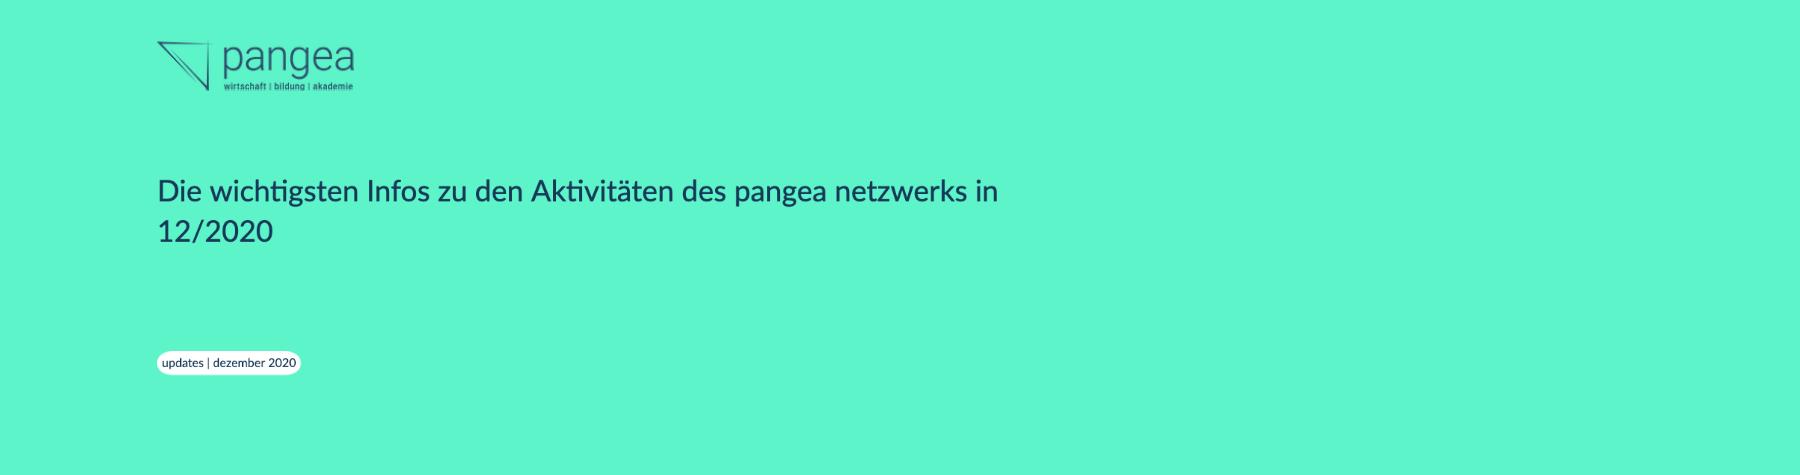 pangea update | Dezember 2020